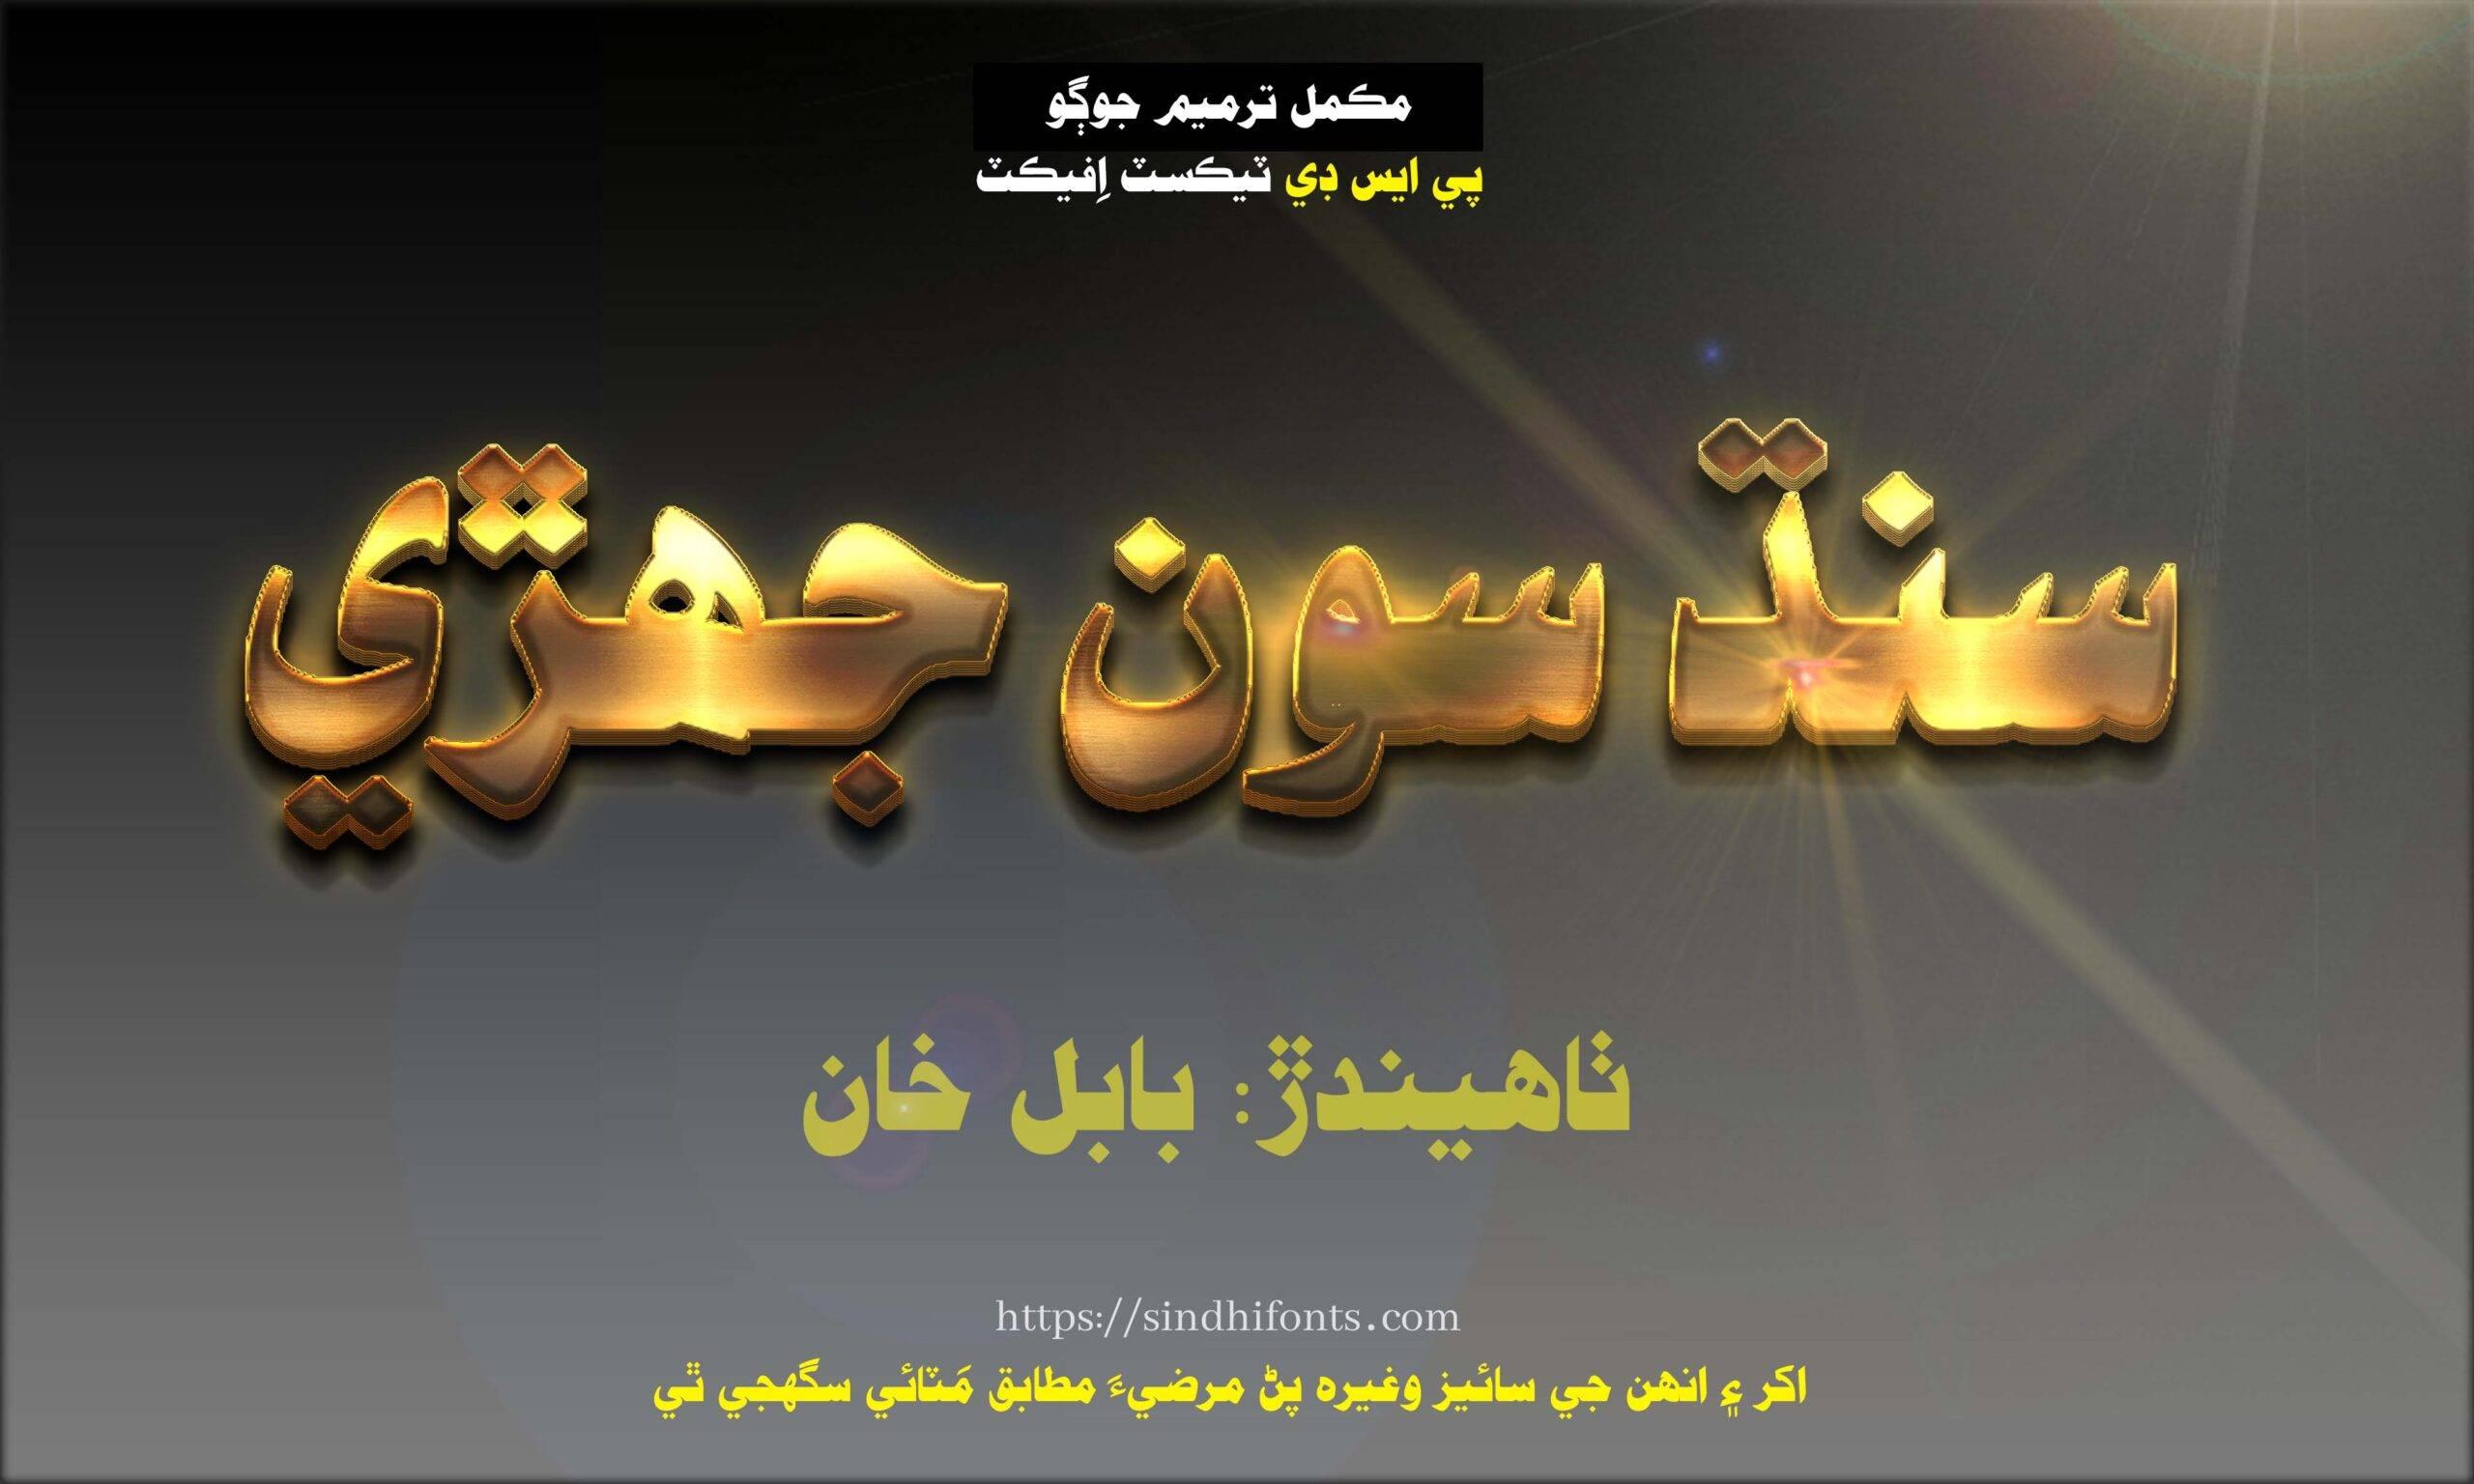 Golden_3_ Babul Khan_sindhifonts.com